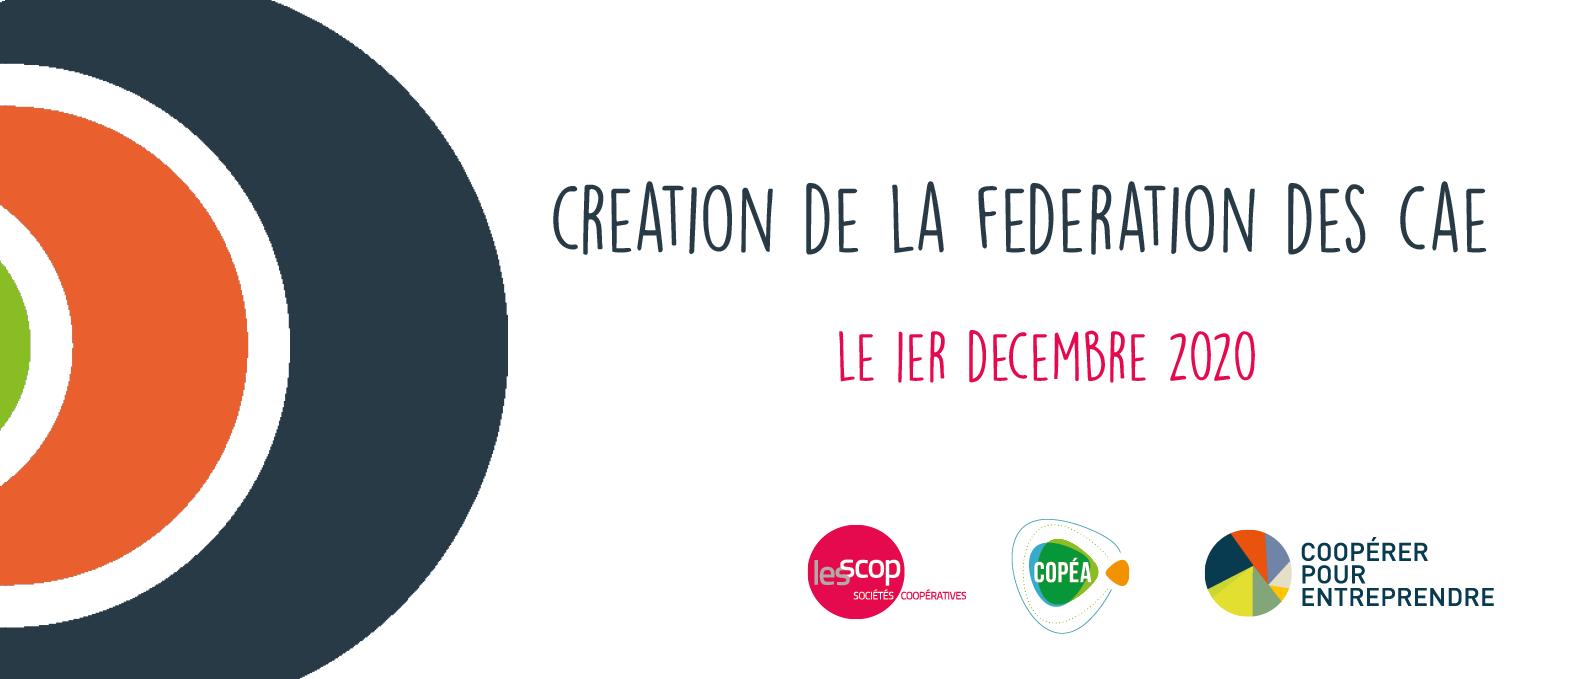 Création de la fédération des CAE le 1er décembre